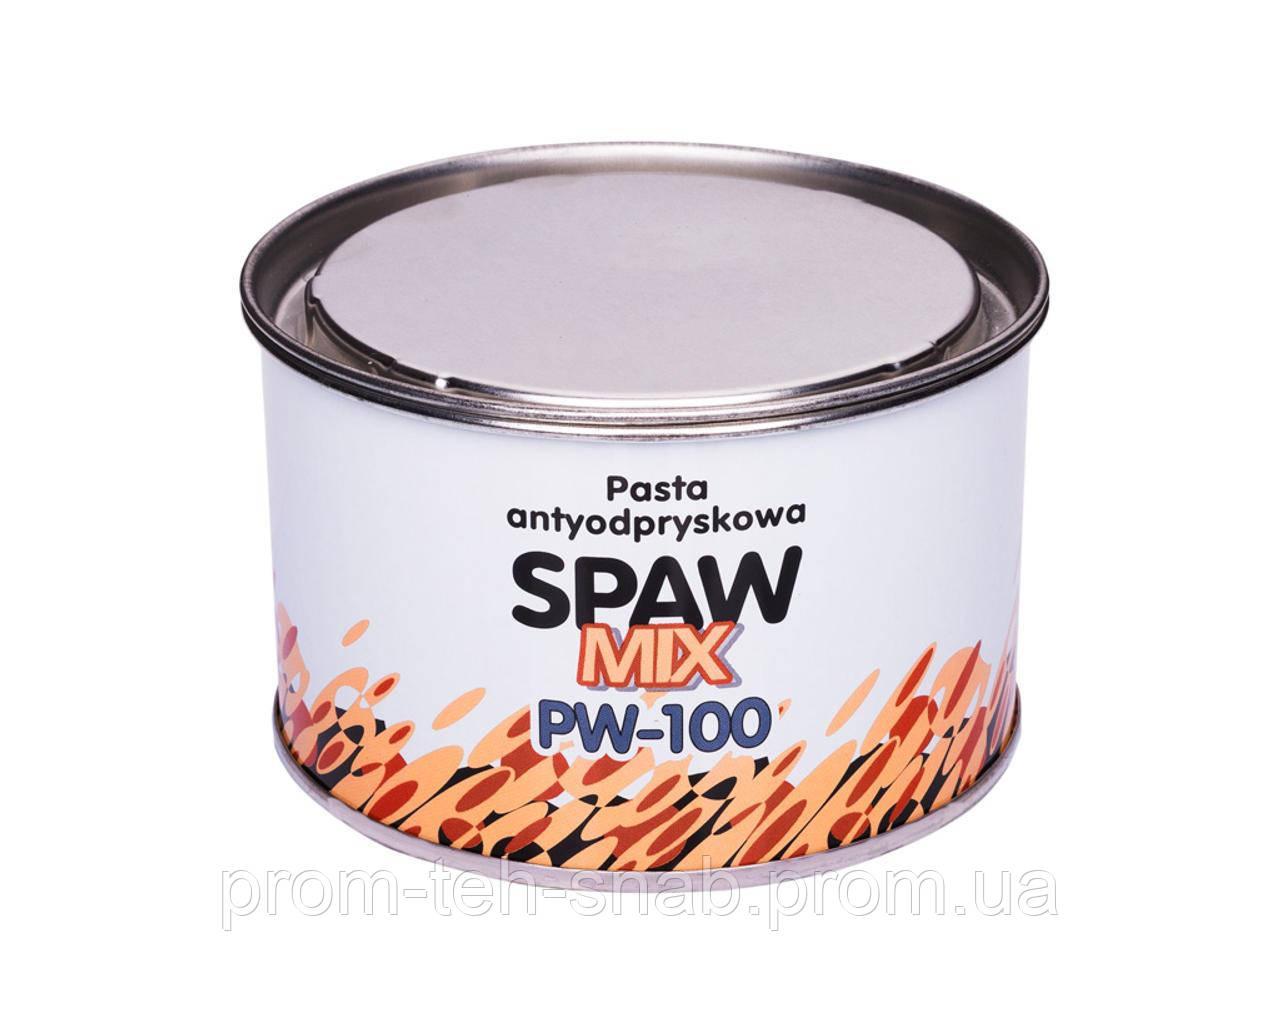 Паста от сварочных брызг Spaw Mix PW-100 Польша 300 г для полуавтоматов